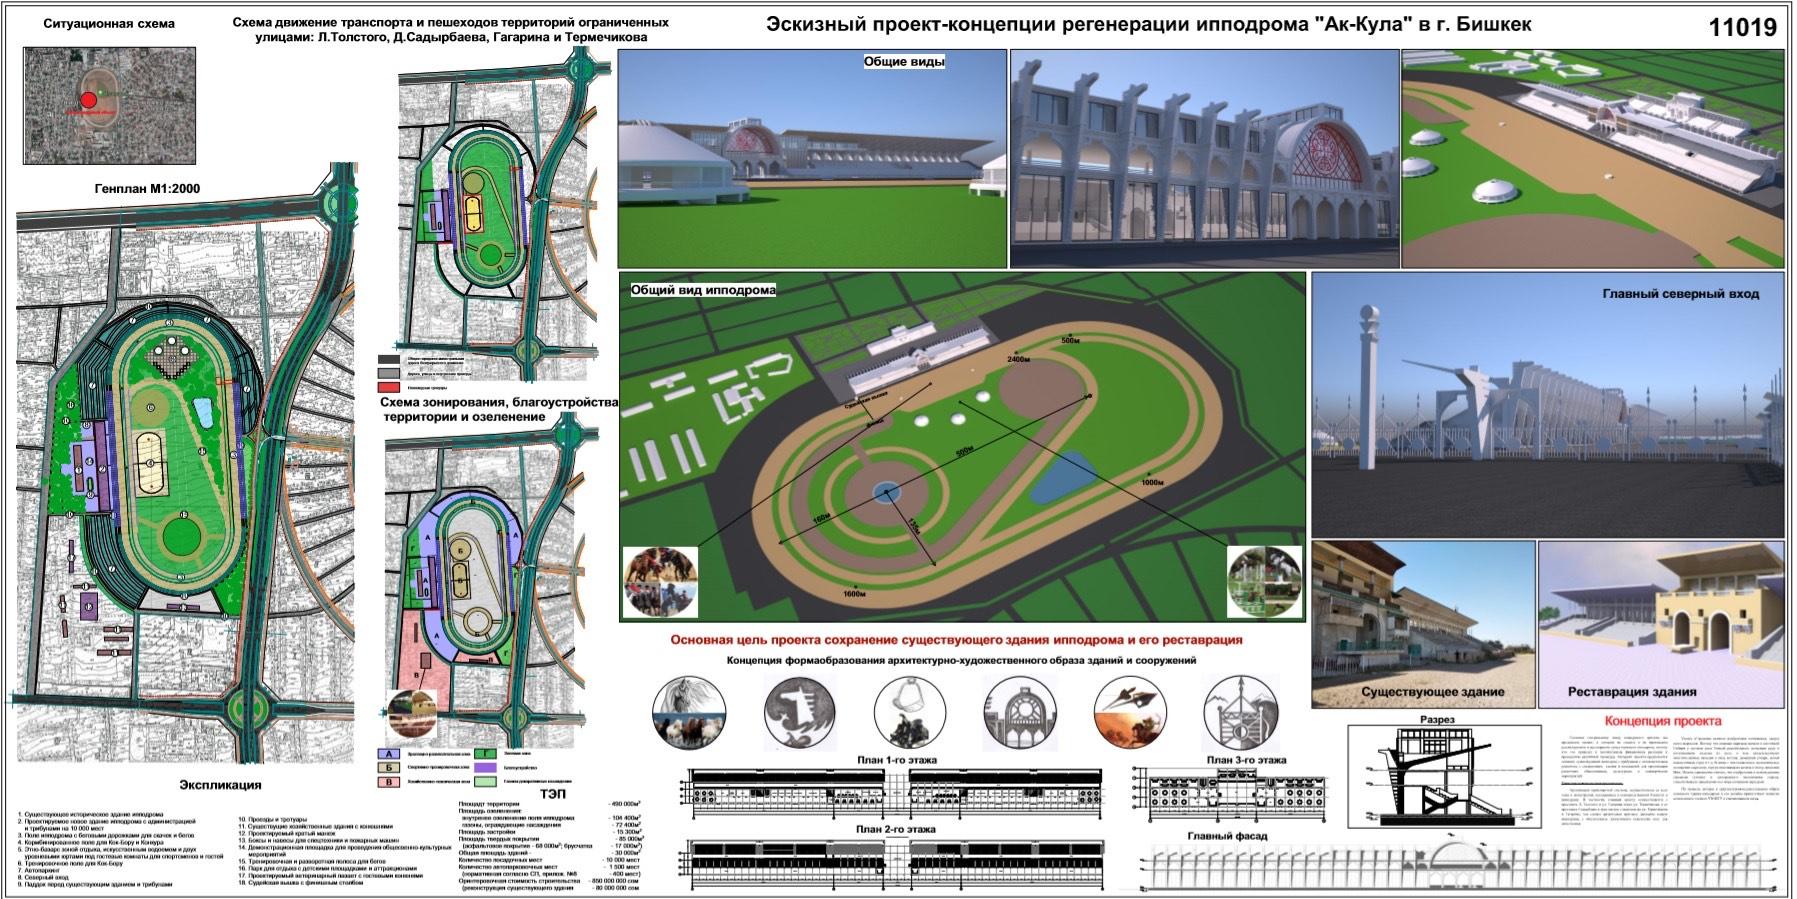 Бишкектеги «Ак кула» ат майданы жаңыртылат